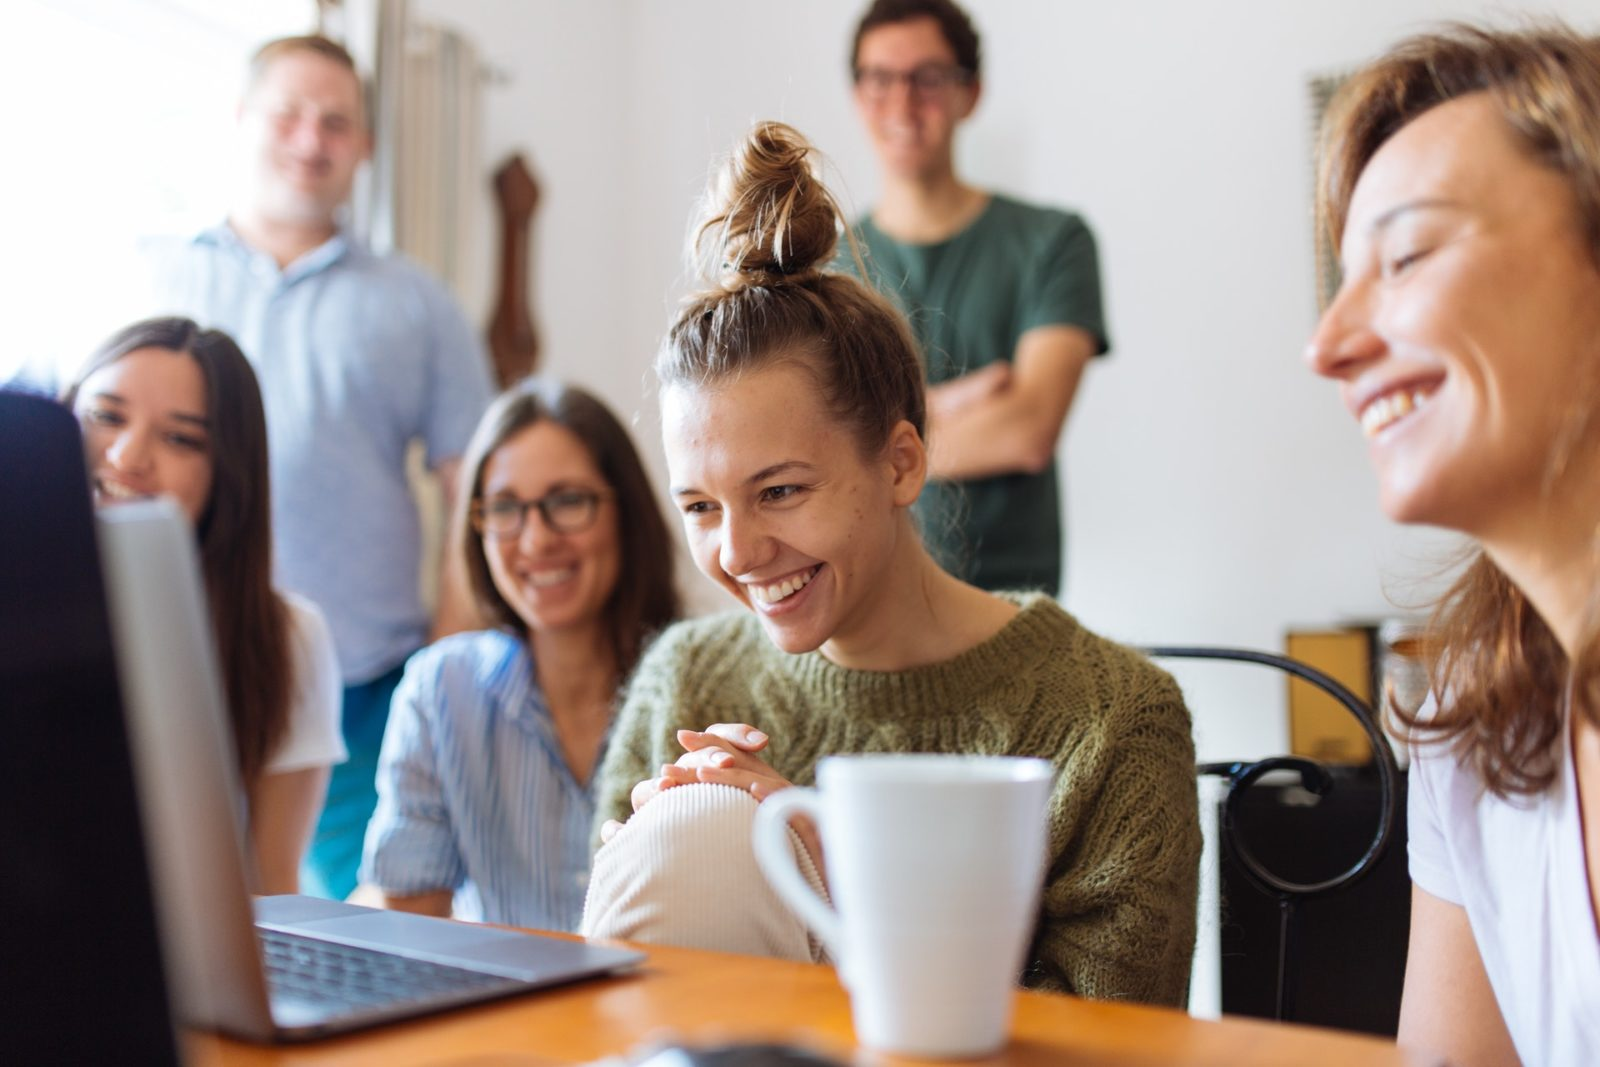 En grupp personer tittar på en datorskärm